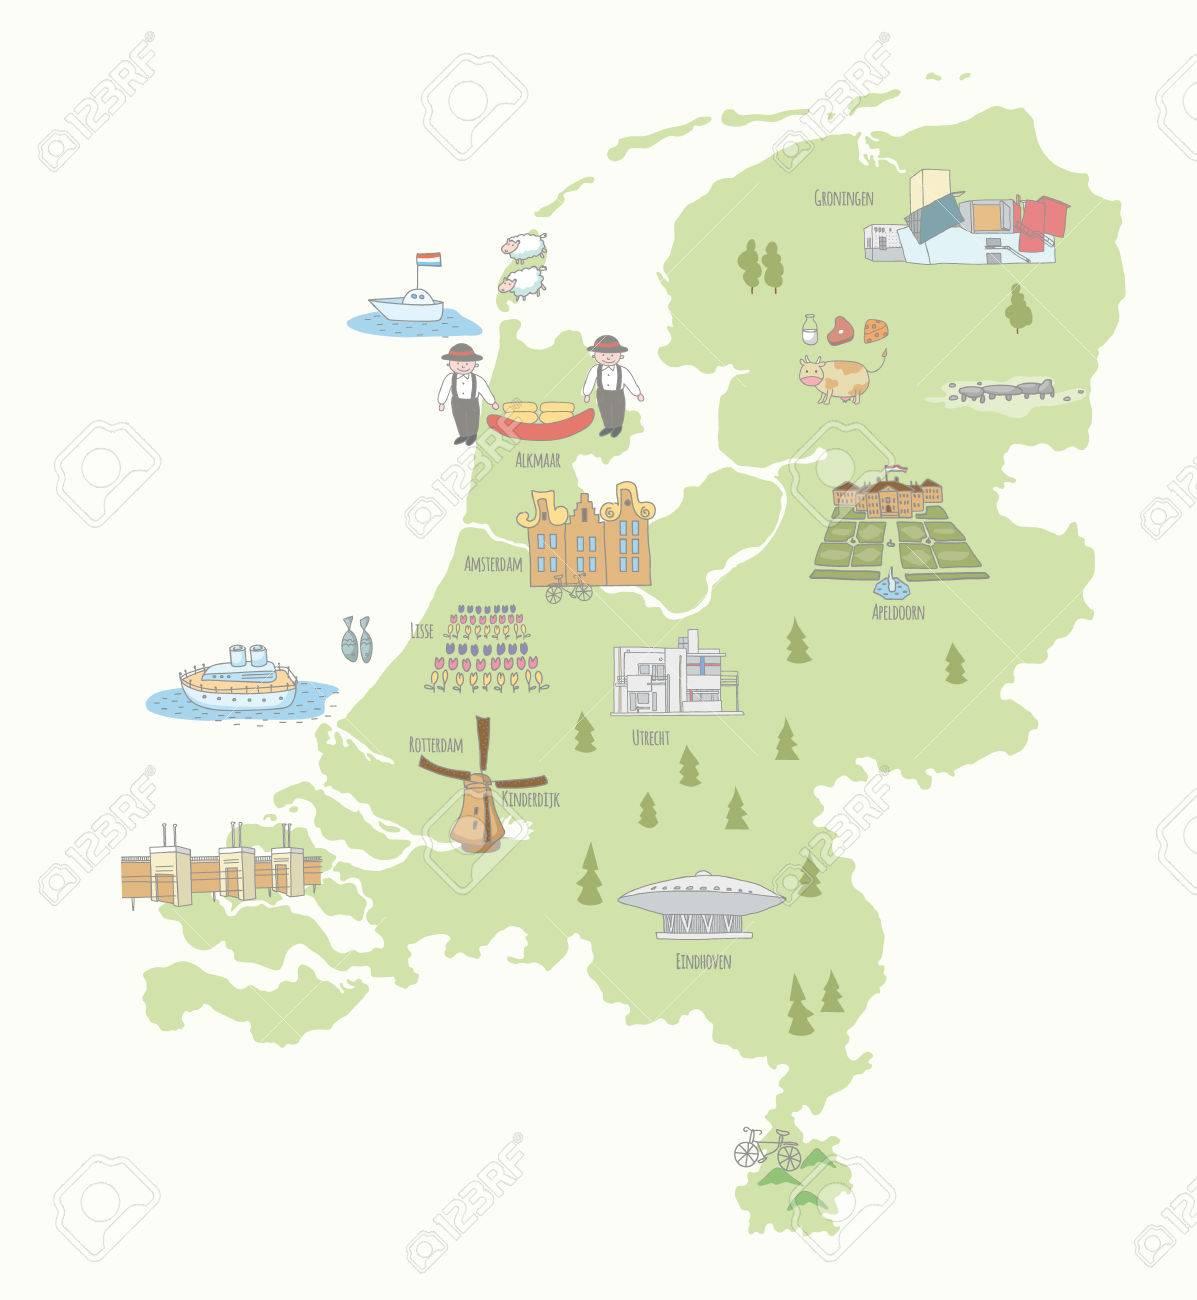 holland sehenswürdigkeiten karte Karte Der Niederlande Sehenswürdigkeiten. EPS 10. Keine